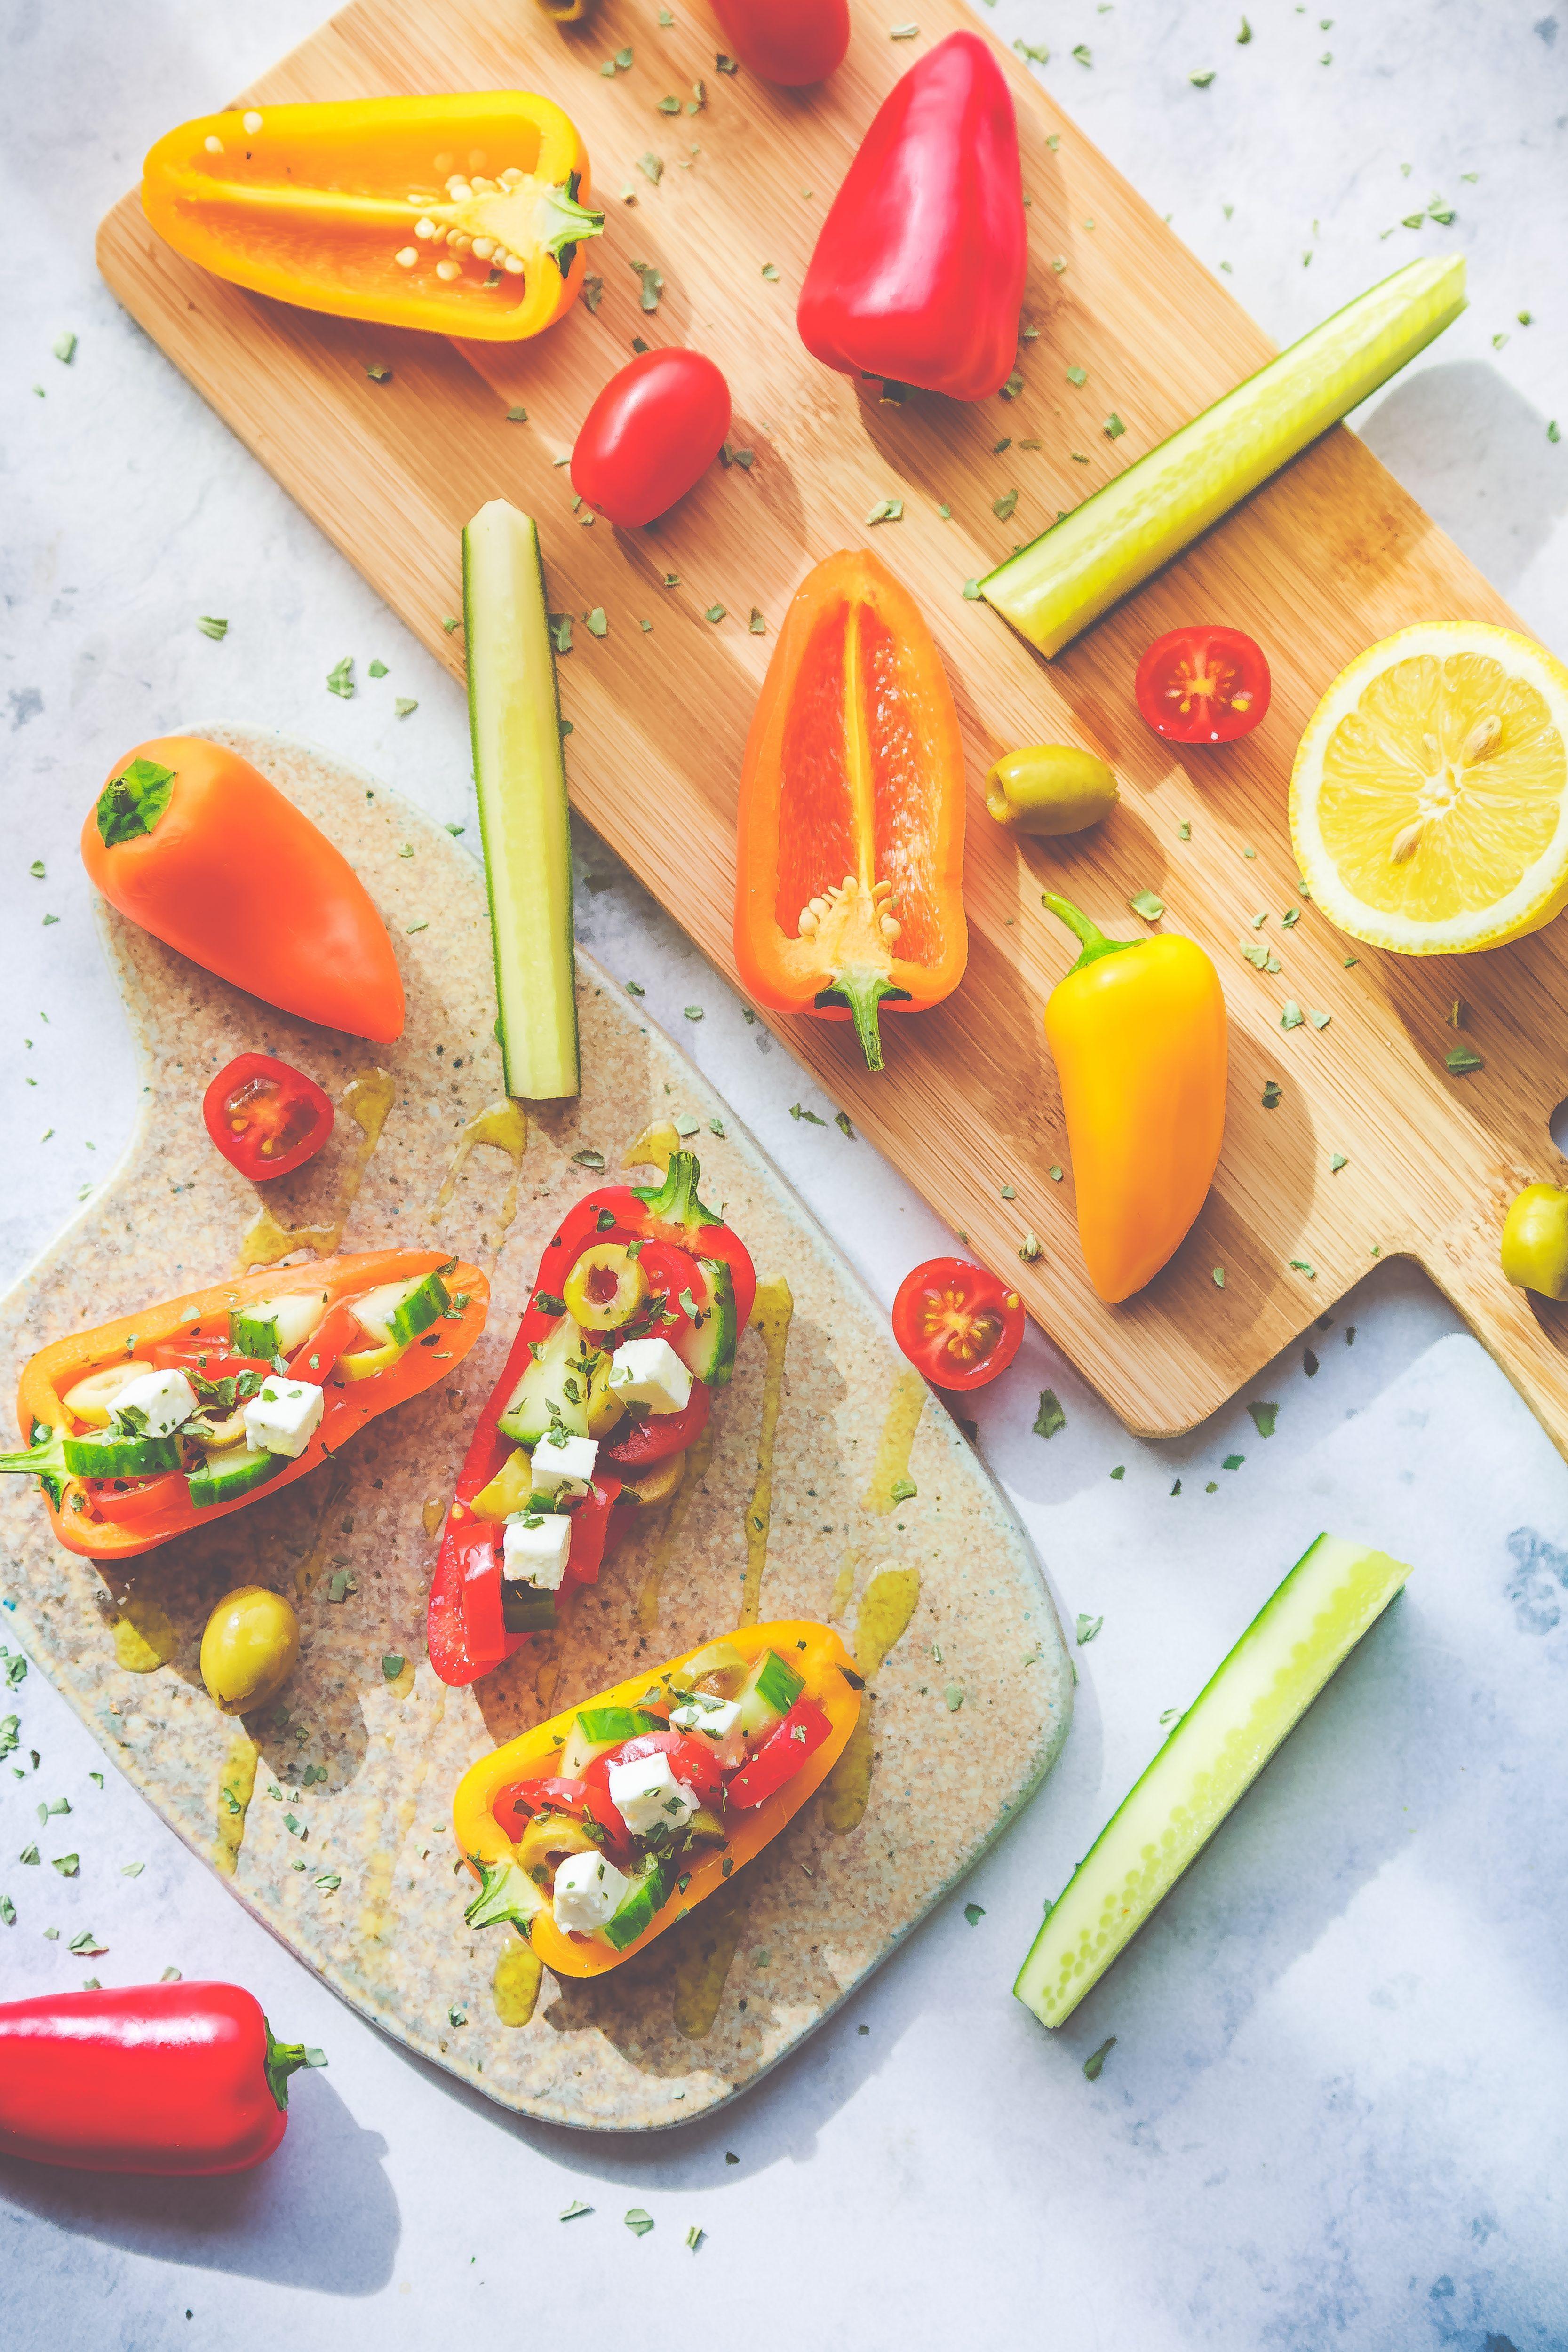 Recette facile Mini-poivrons crus et ses petites crudités